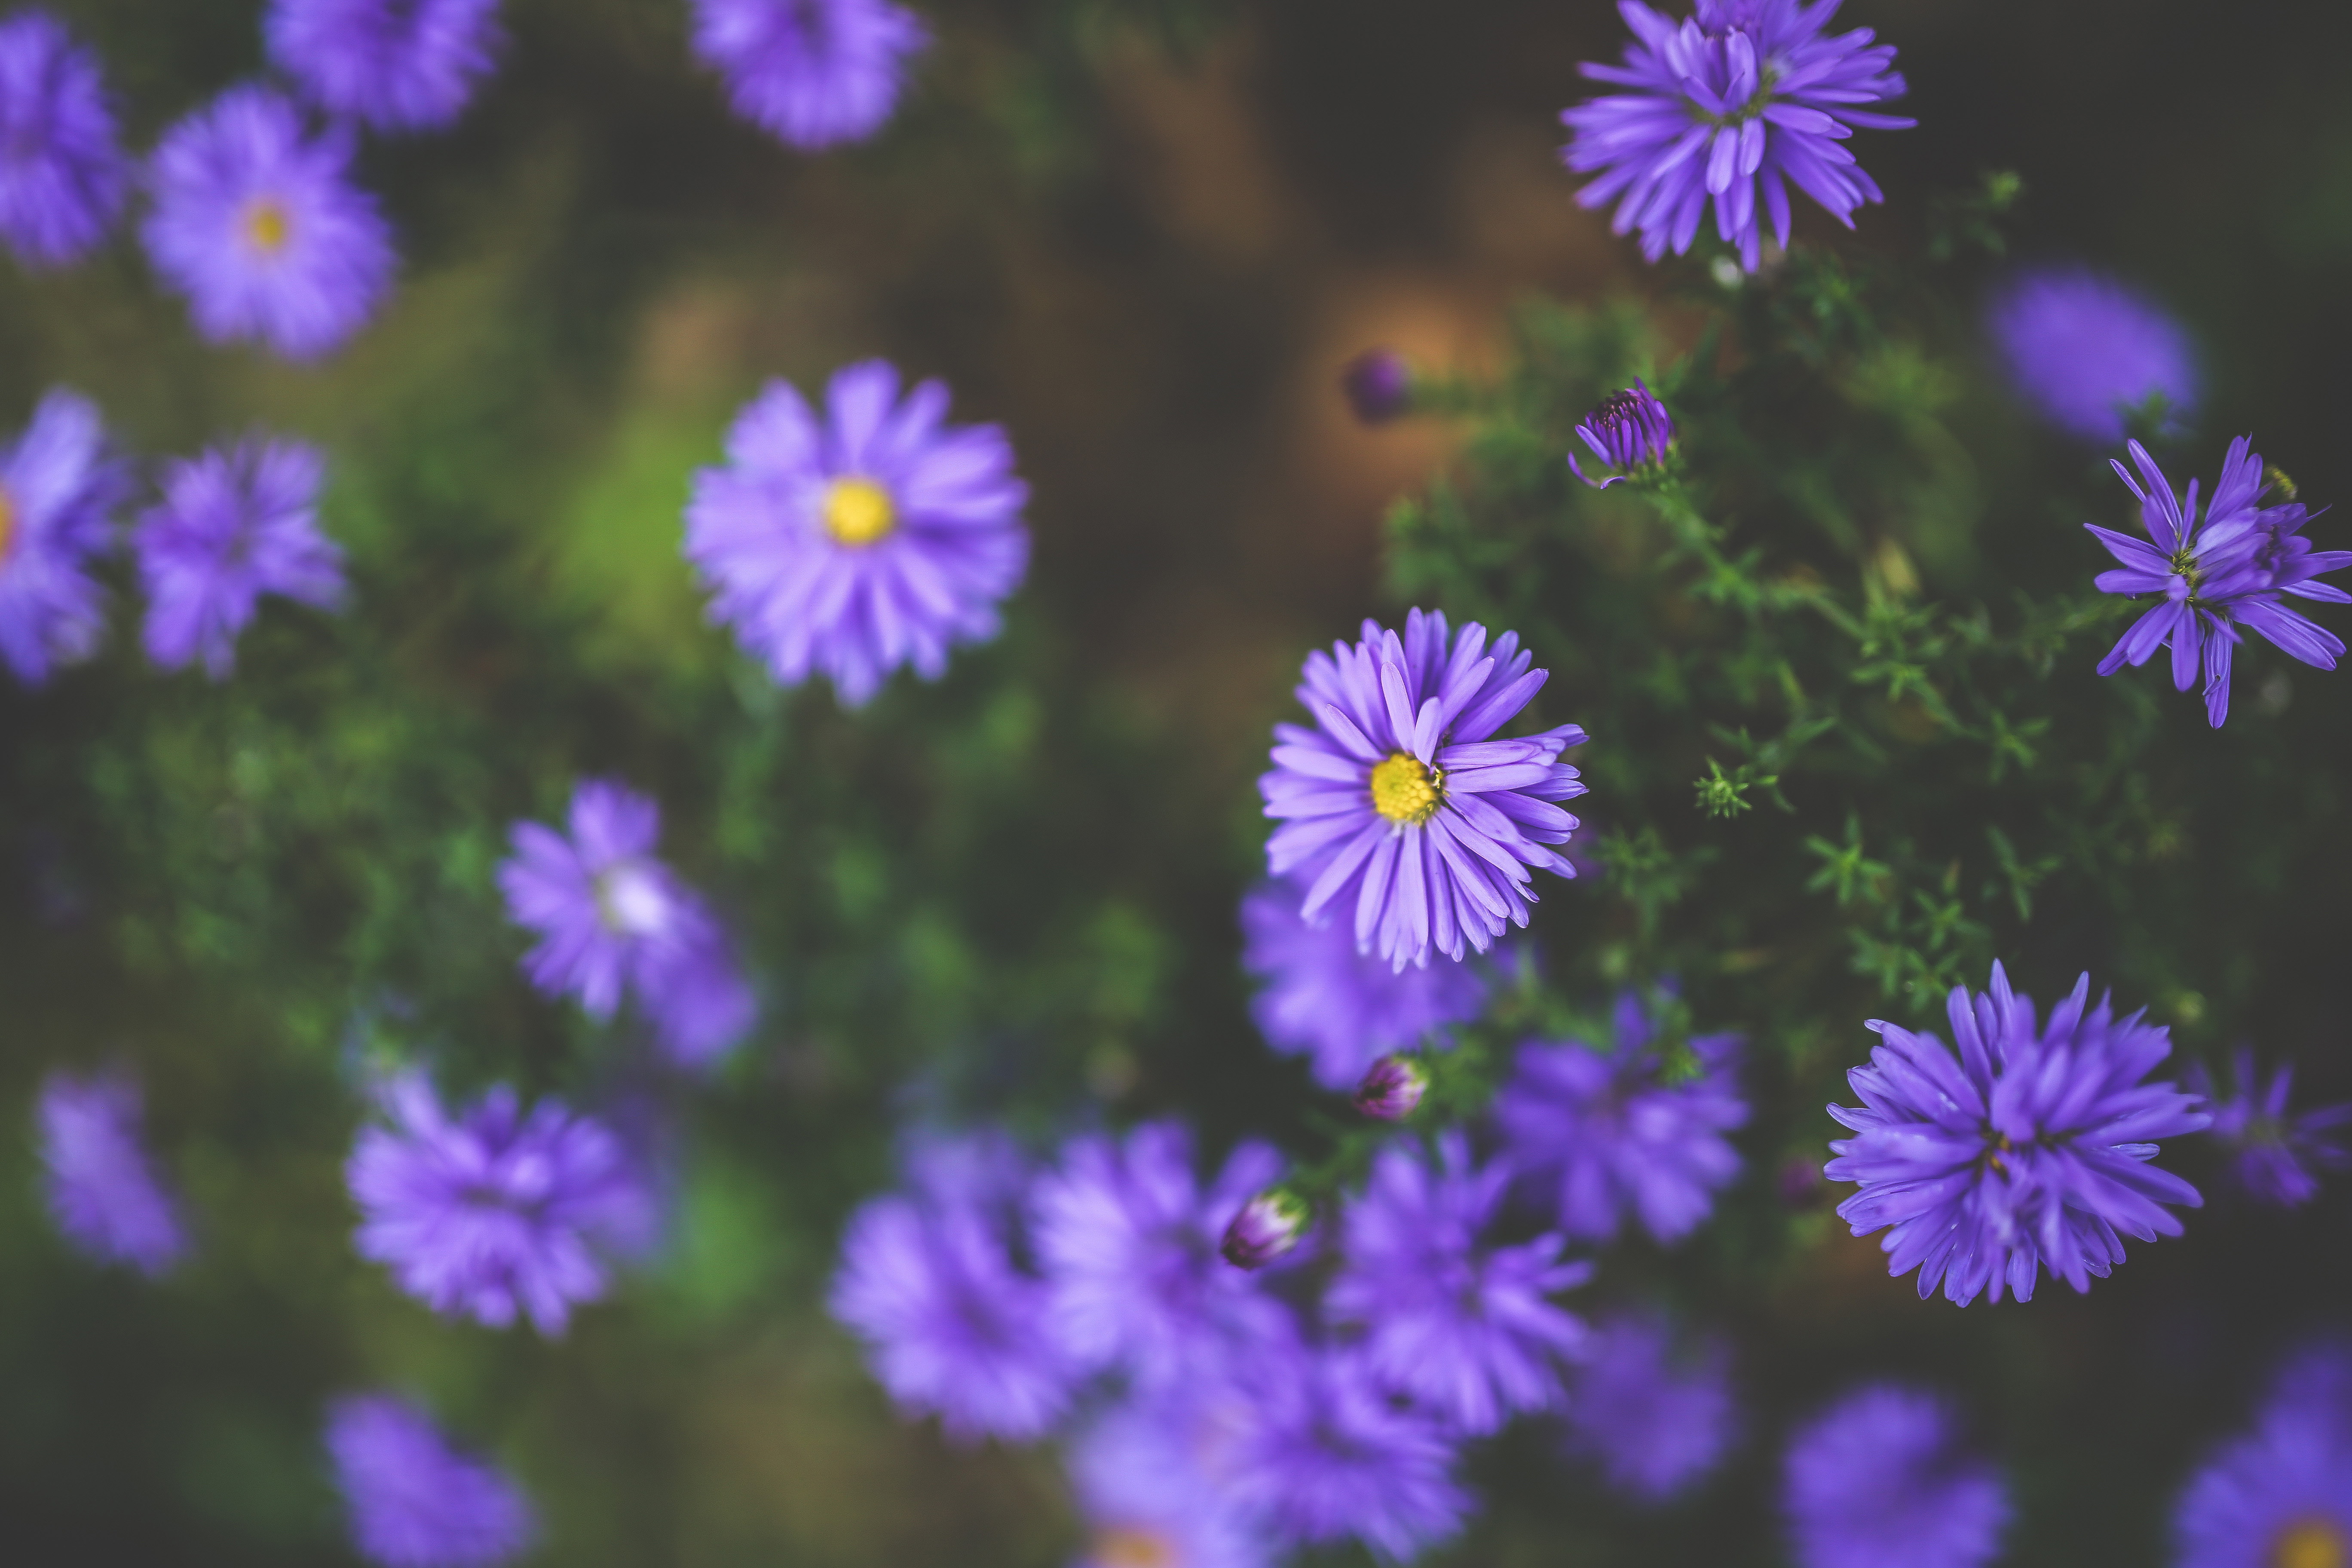 Lilacs, flower, flowers, purple, violet, little, small, lilac petals, violets, daisies